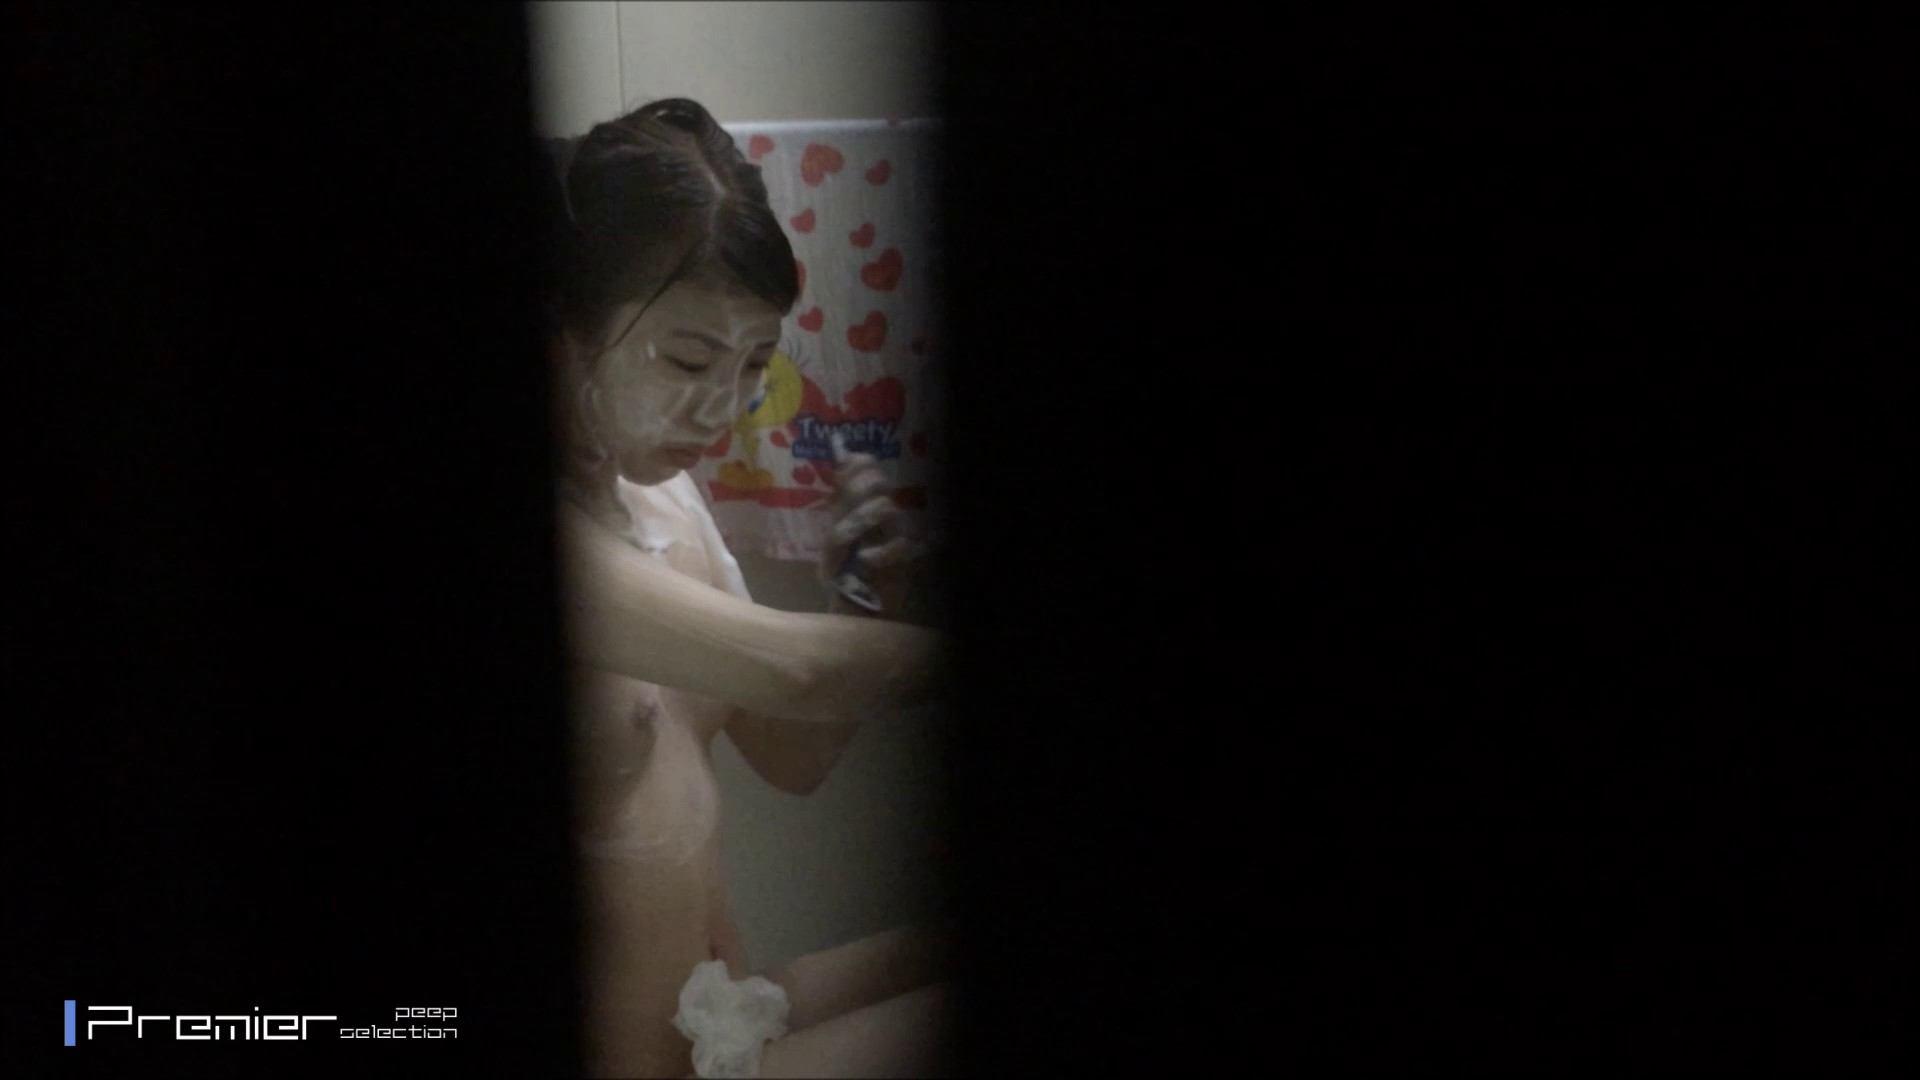 笑顔のスポーツ美女 乙女の風呂場 Vol.23 乙女ちゃん AV無料動画キャプチャ 54連発 48